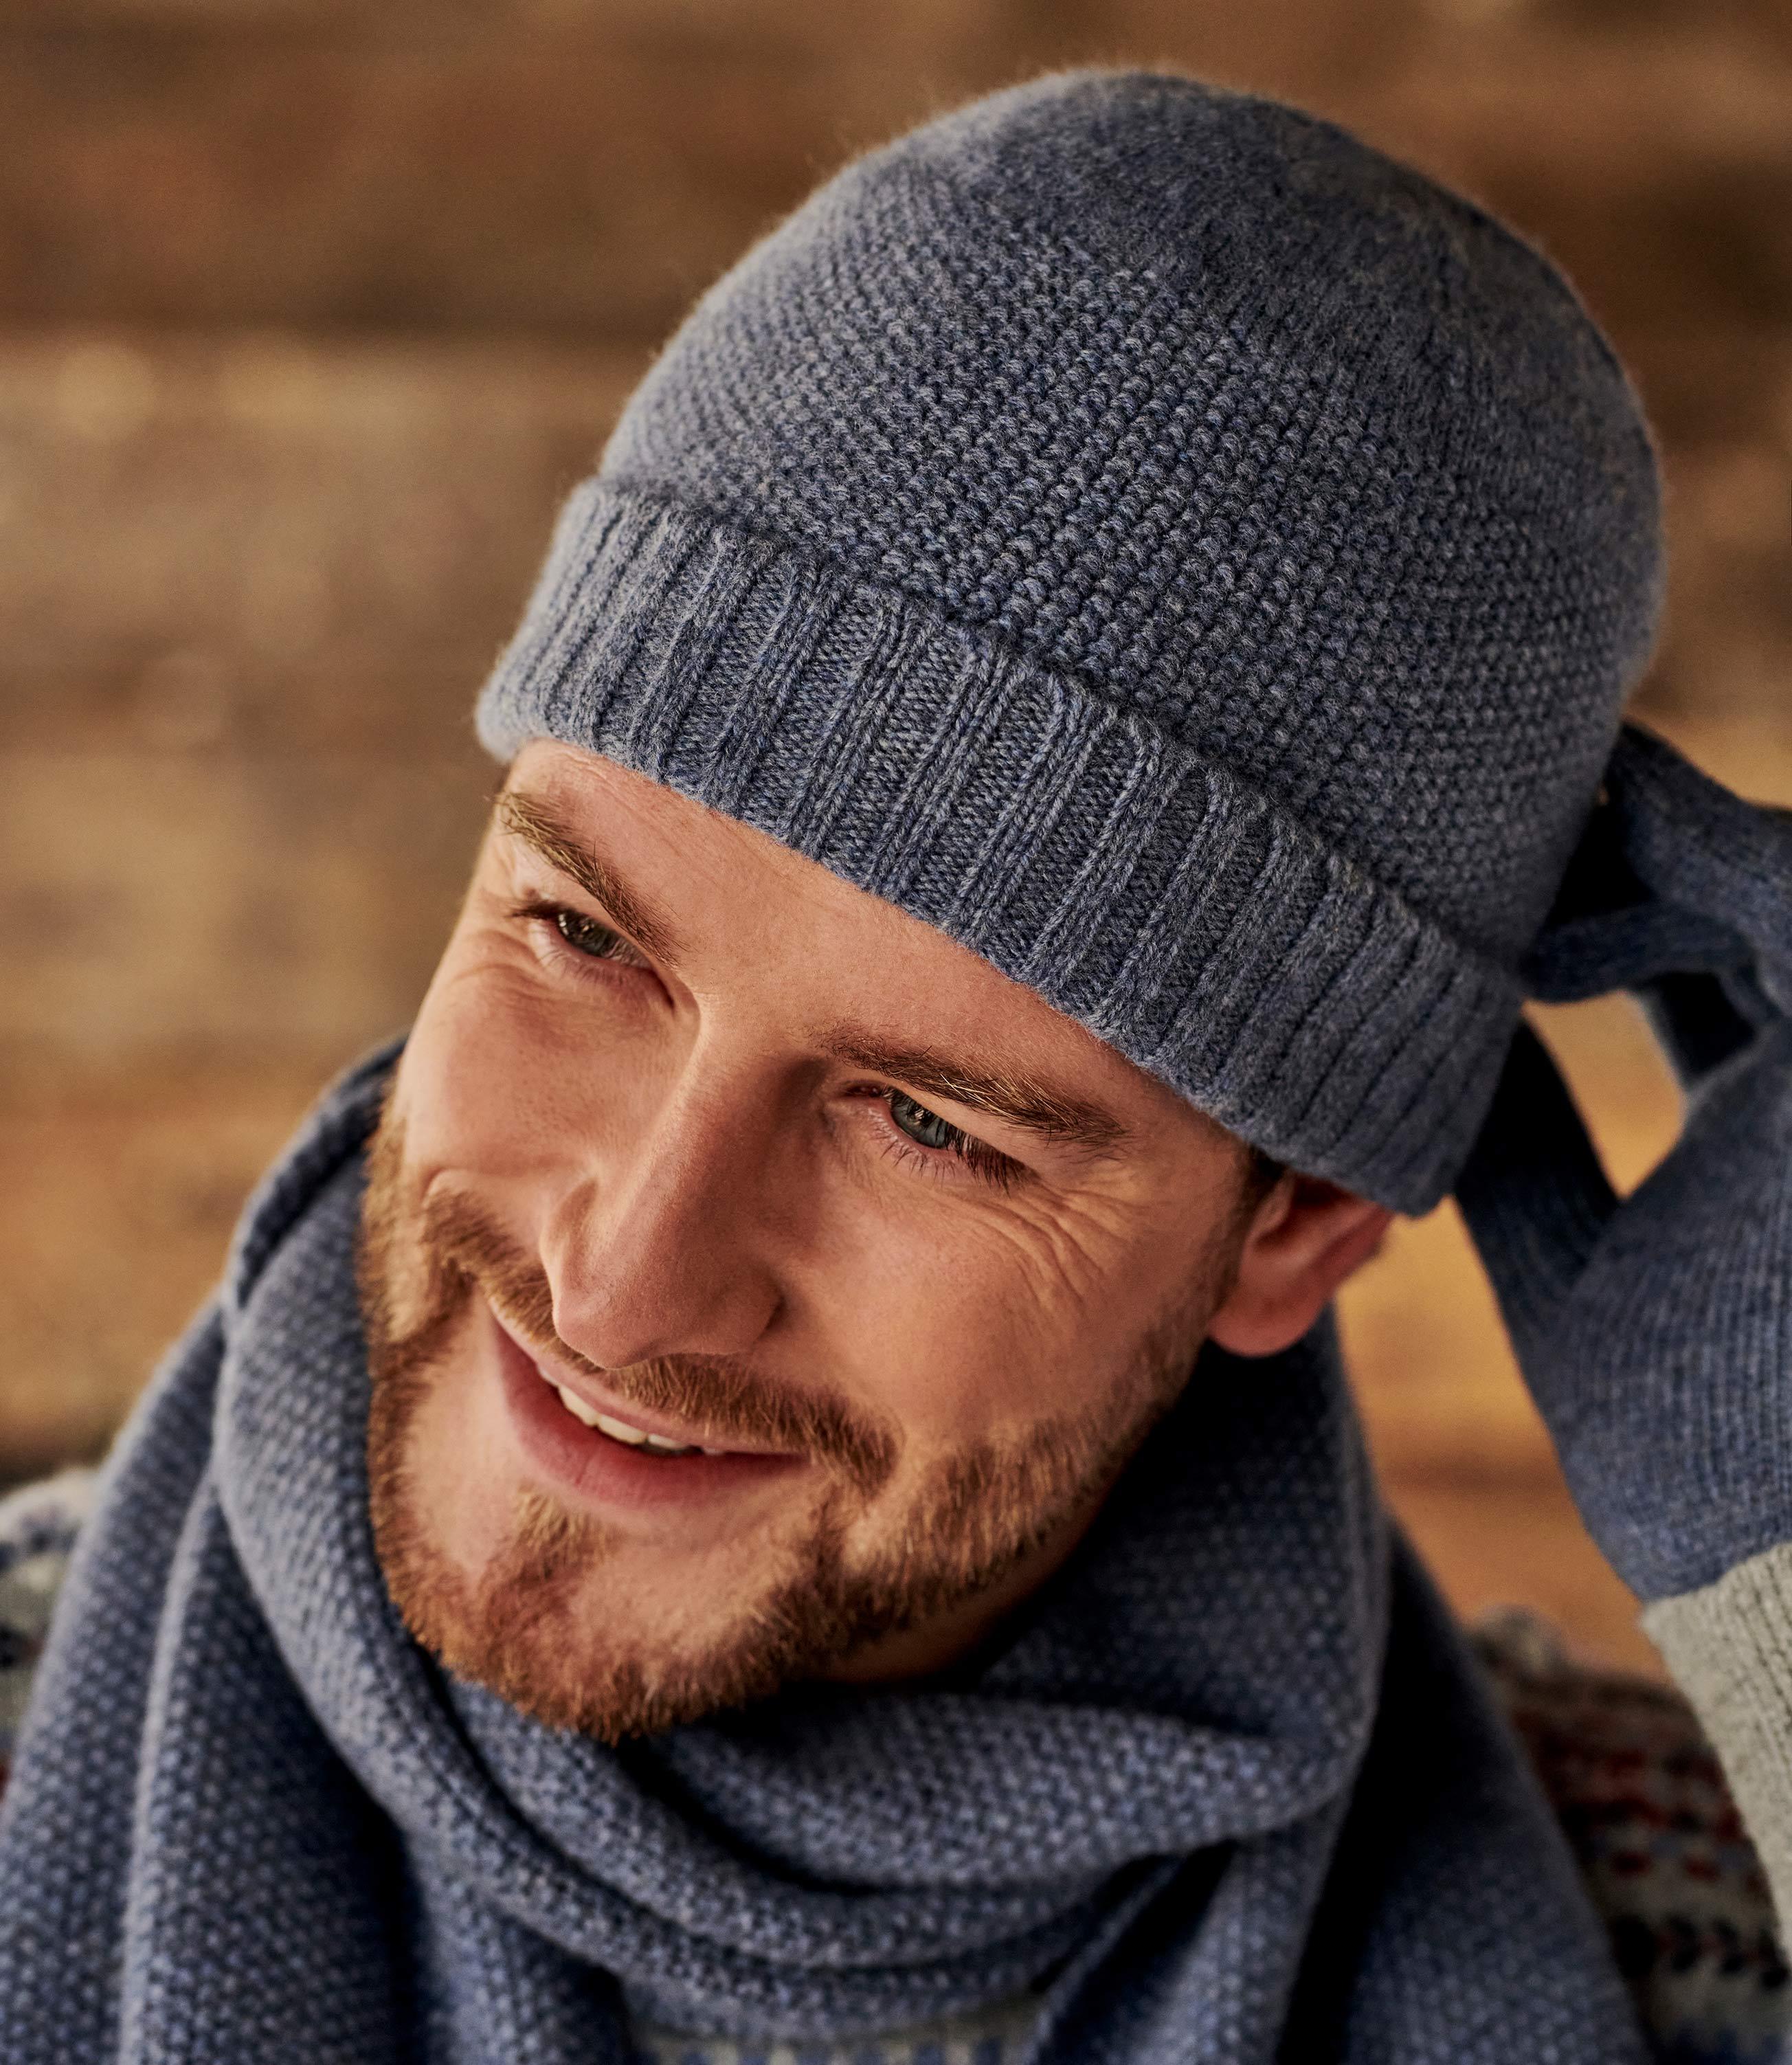 Mütze aus Lammwolle für Herren